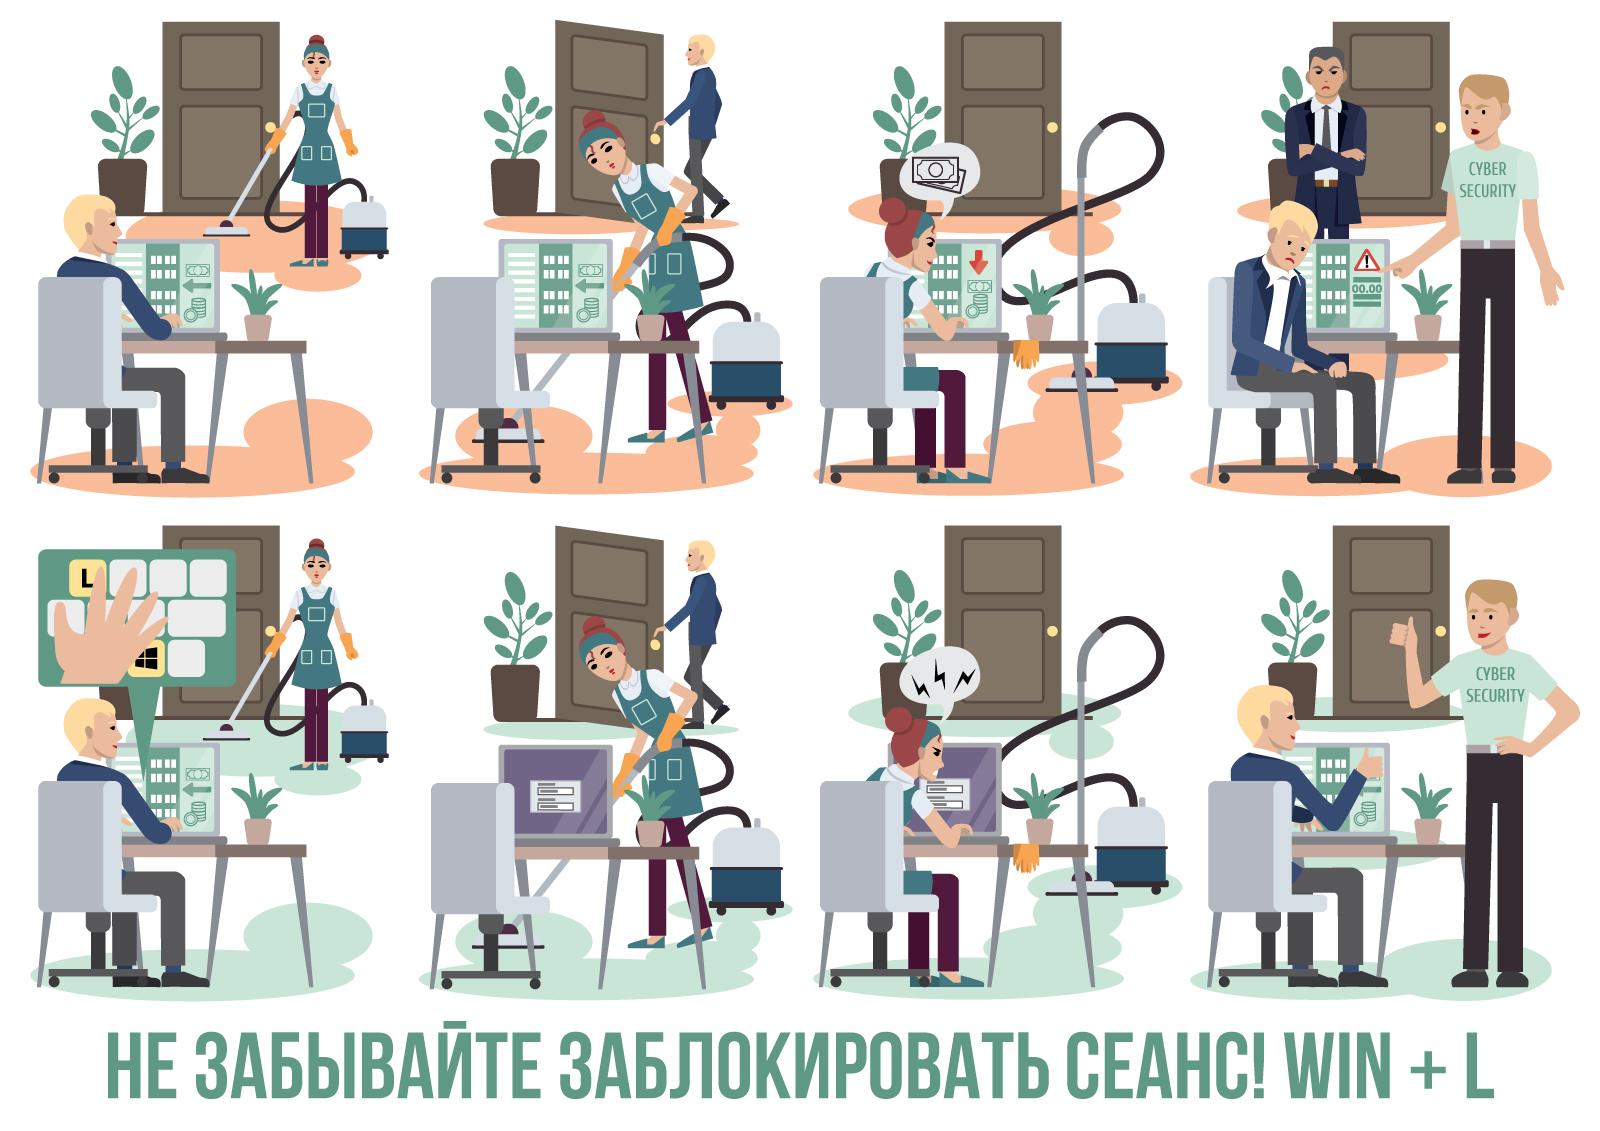 Иллюстрации по информационной безопасности. Не забывайте заблокировать сеанс. WIN + L